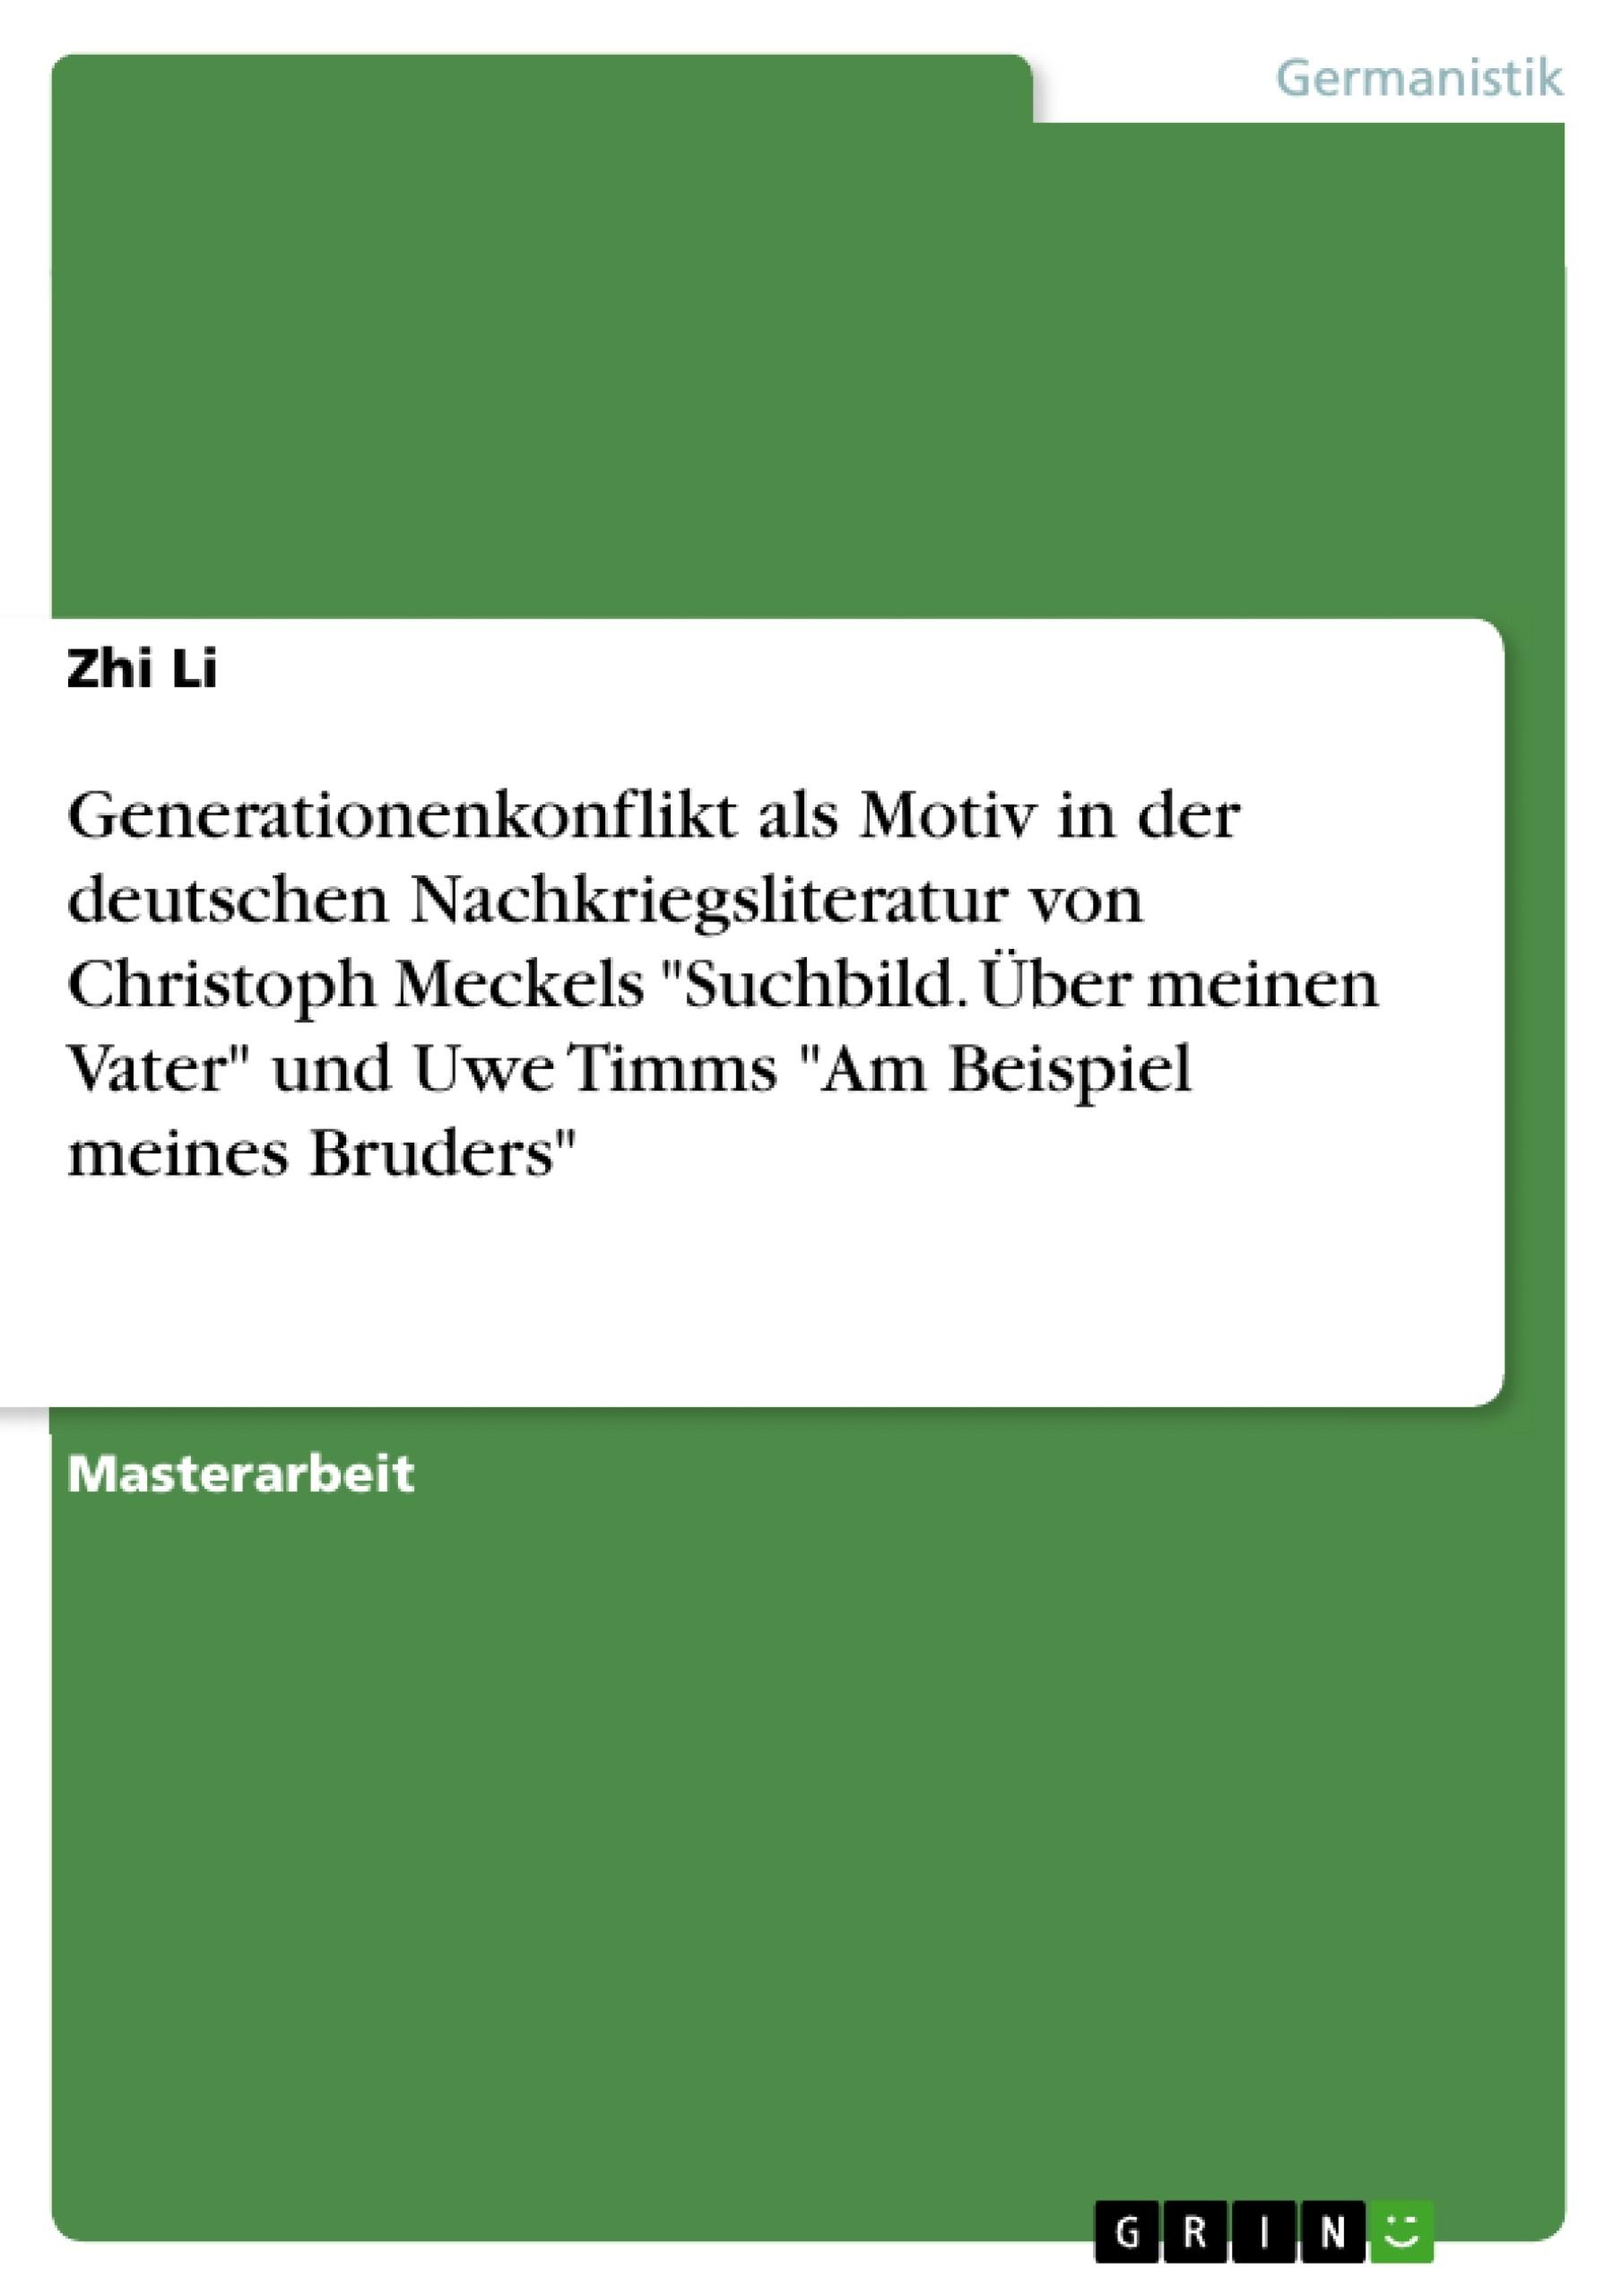 Generationenkonflikt als Motiv in der deutschen ...   Masterarbeit ...